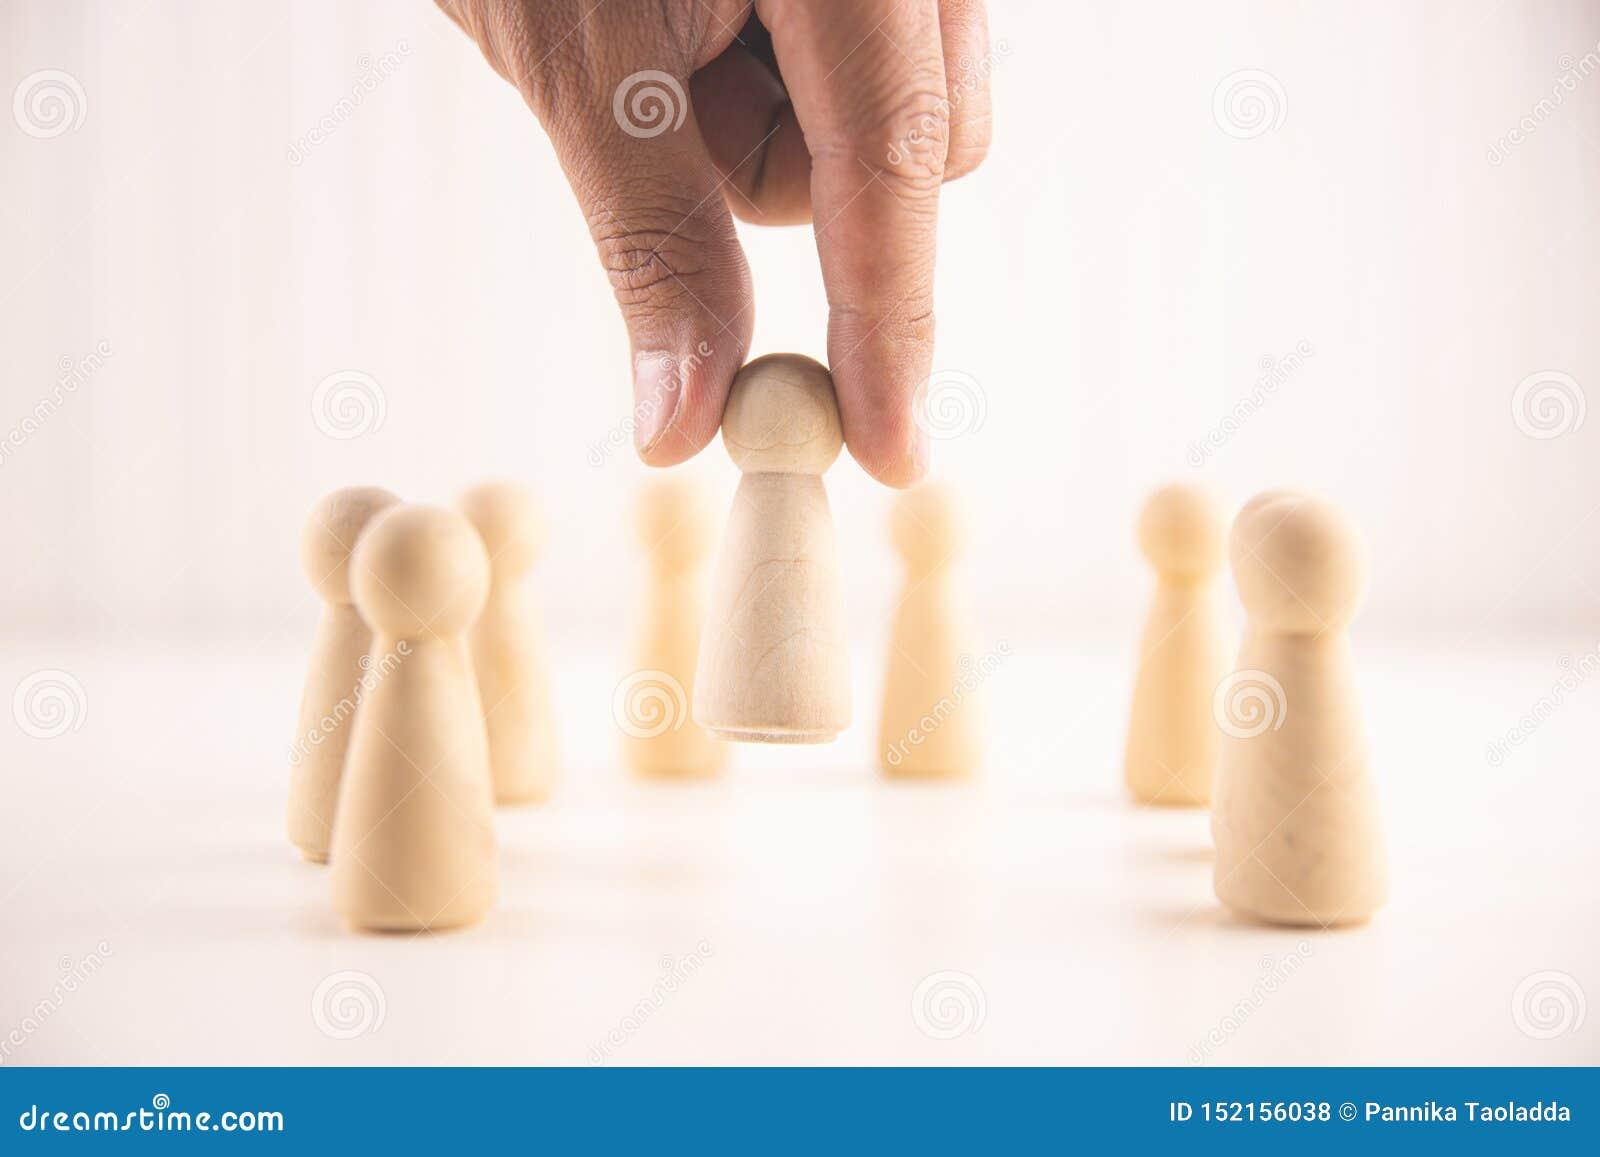 Το χέρι του επιχειρηματία επιλέγει τους ανθρώπους που ξεχωρίζουν από το πλήθος Ανθρώπινο δυναμικό, διαχείριση ταλέντου, υπάλληλος